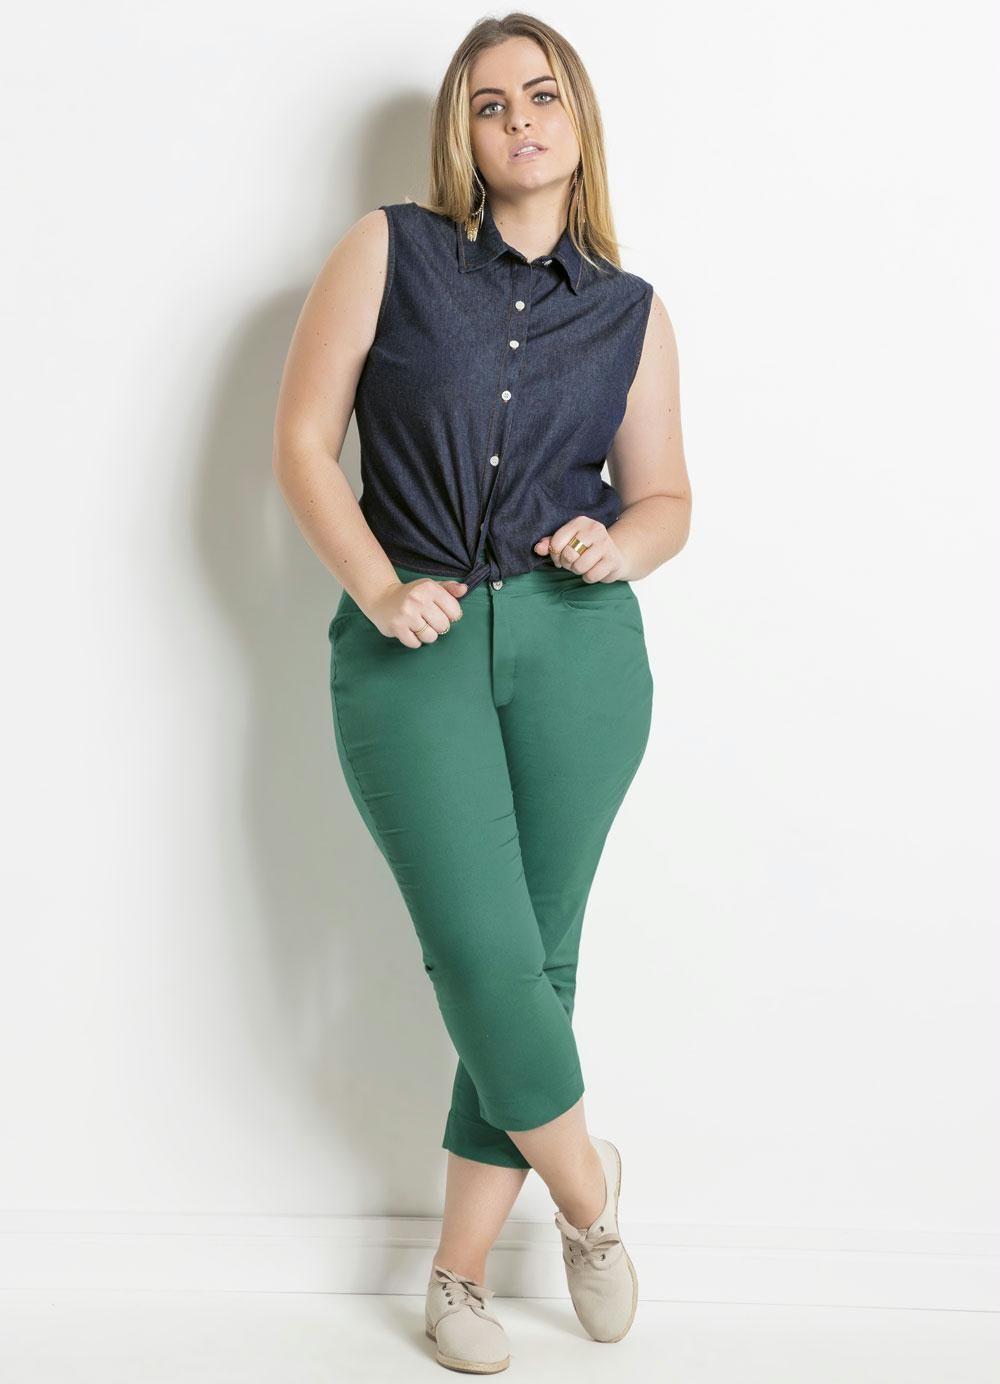 fb8d722b4 Blusa Jeans com Amarração Plus Size Quintess - Posthaus | Plus Size ...